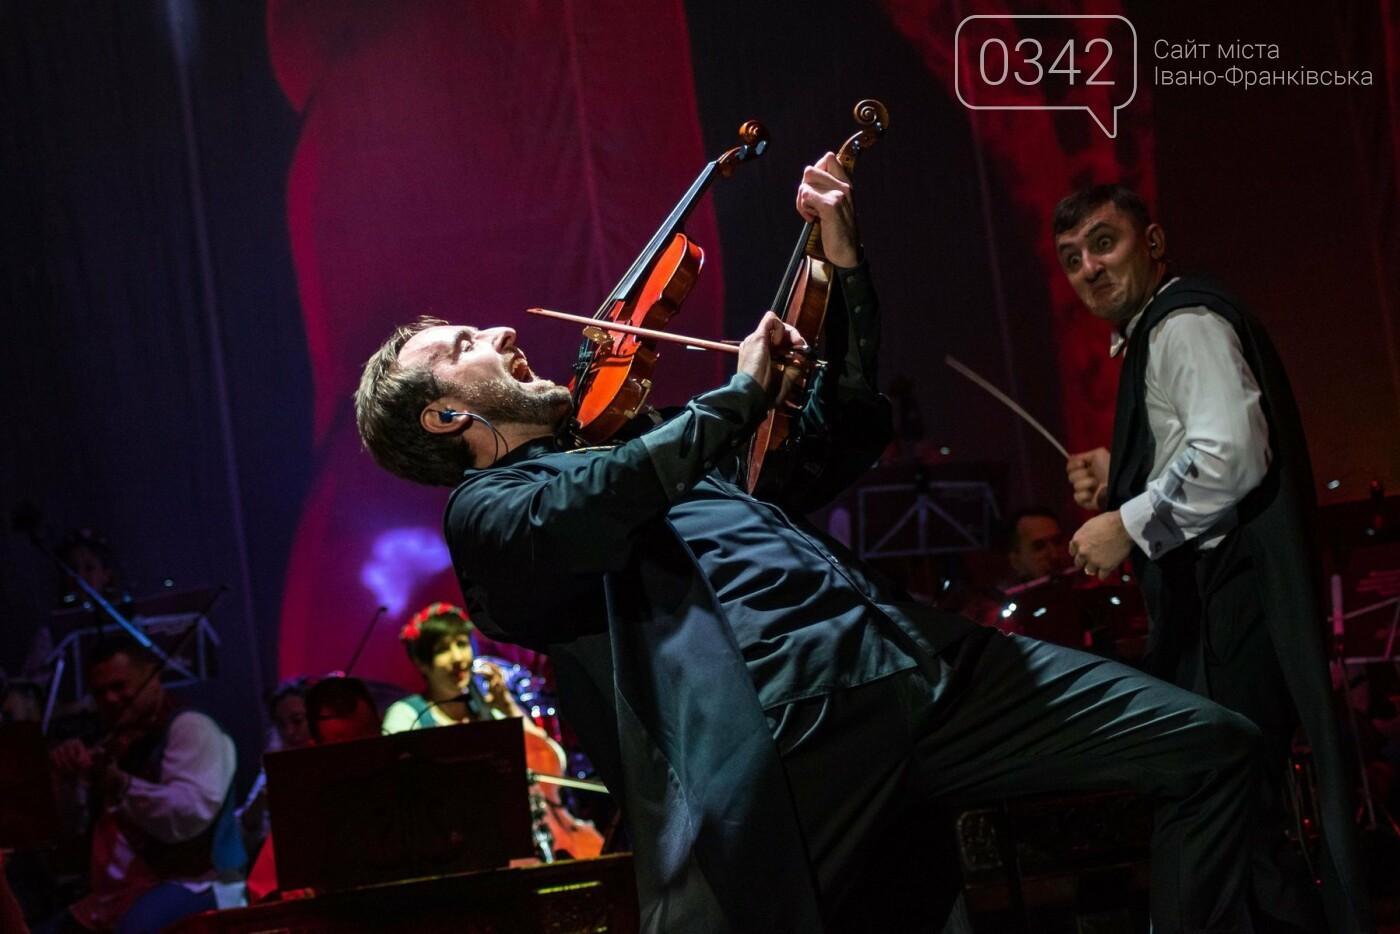 «Ти щаслива людина, якщо можеш займатися улюбленою справою» - скрипаль-віртуоз Олександр Божик про концерт в Івано-Франківську та свою твор..., фото-1